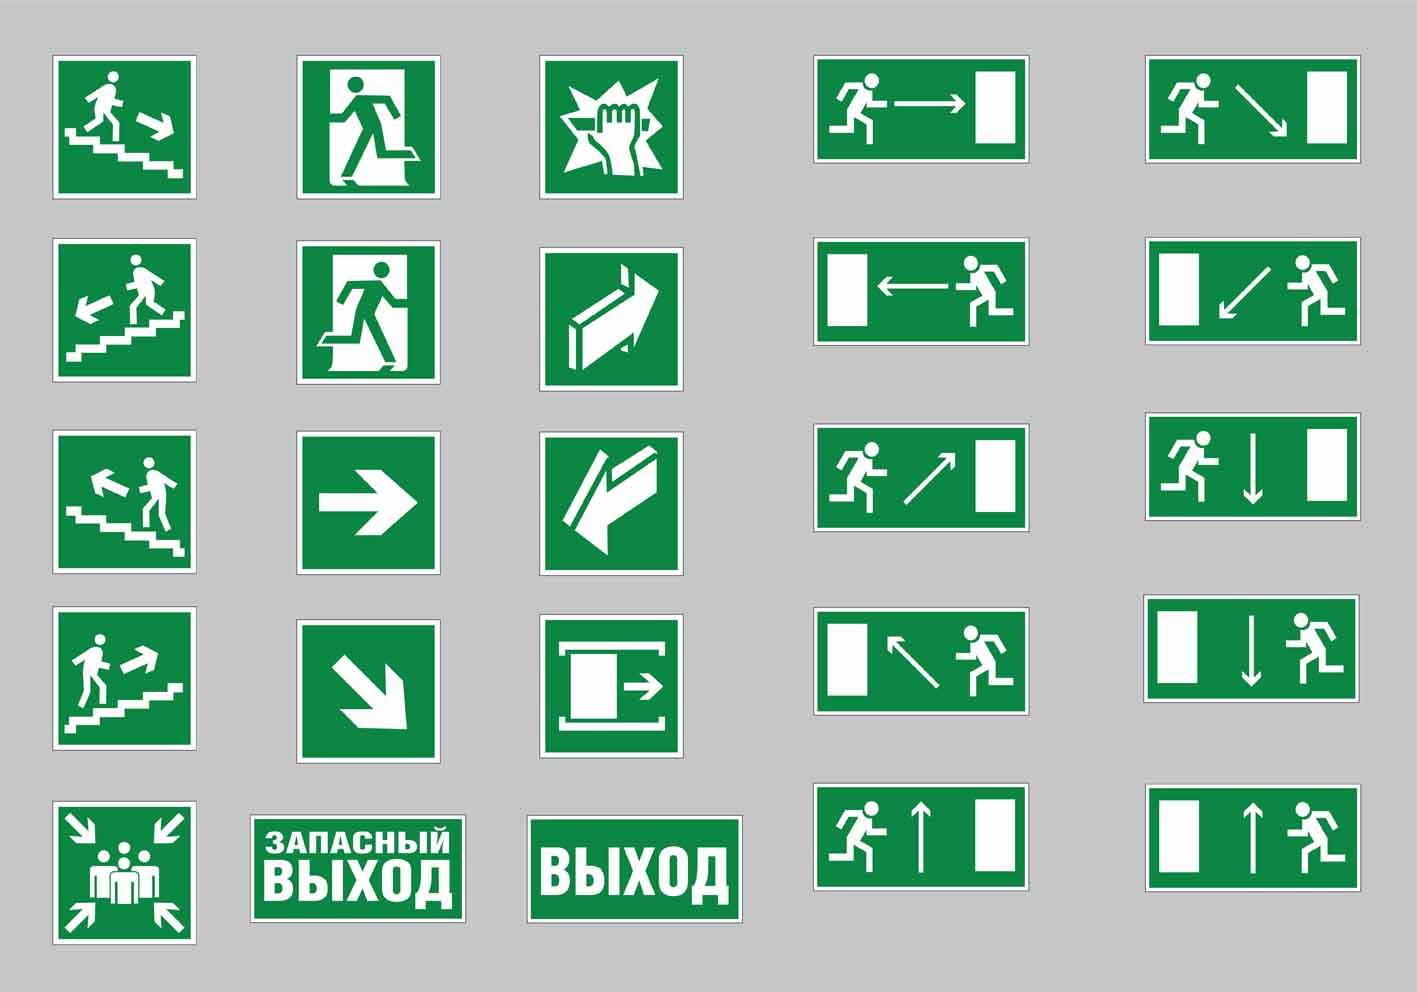 таблички эвакуационные знаки